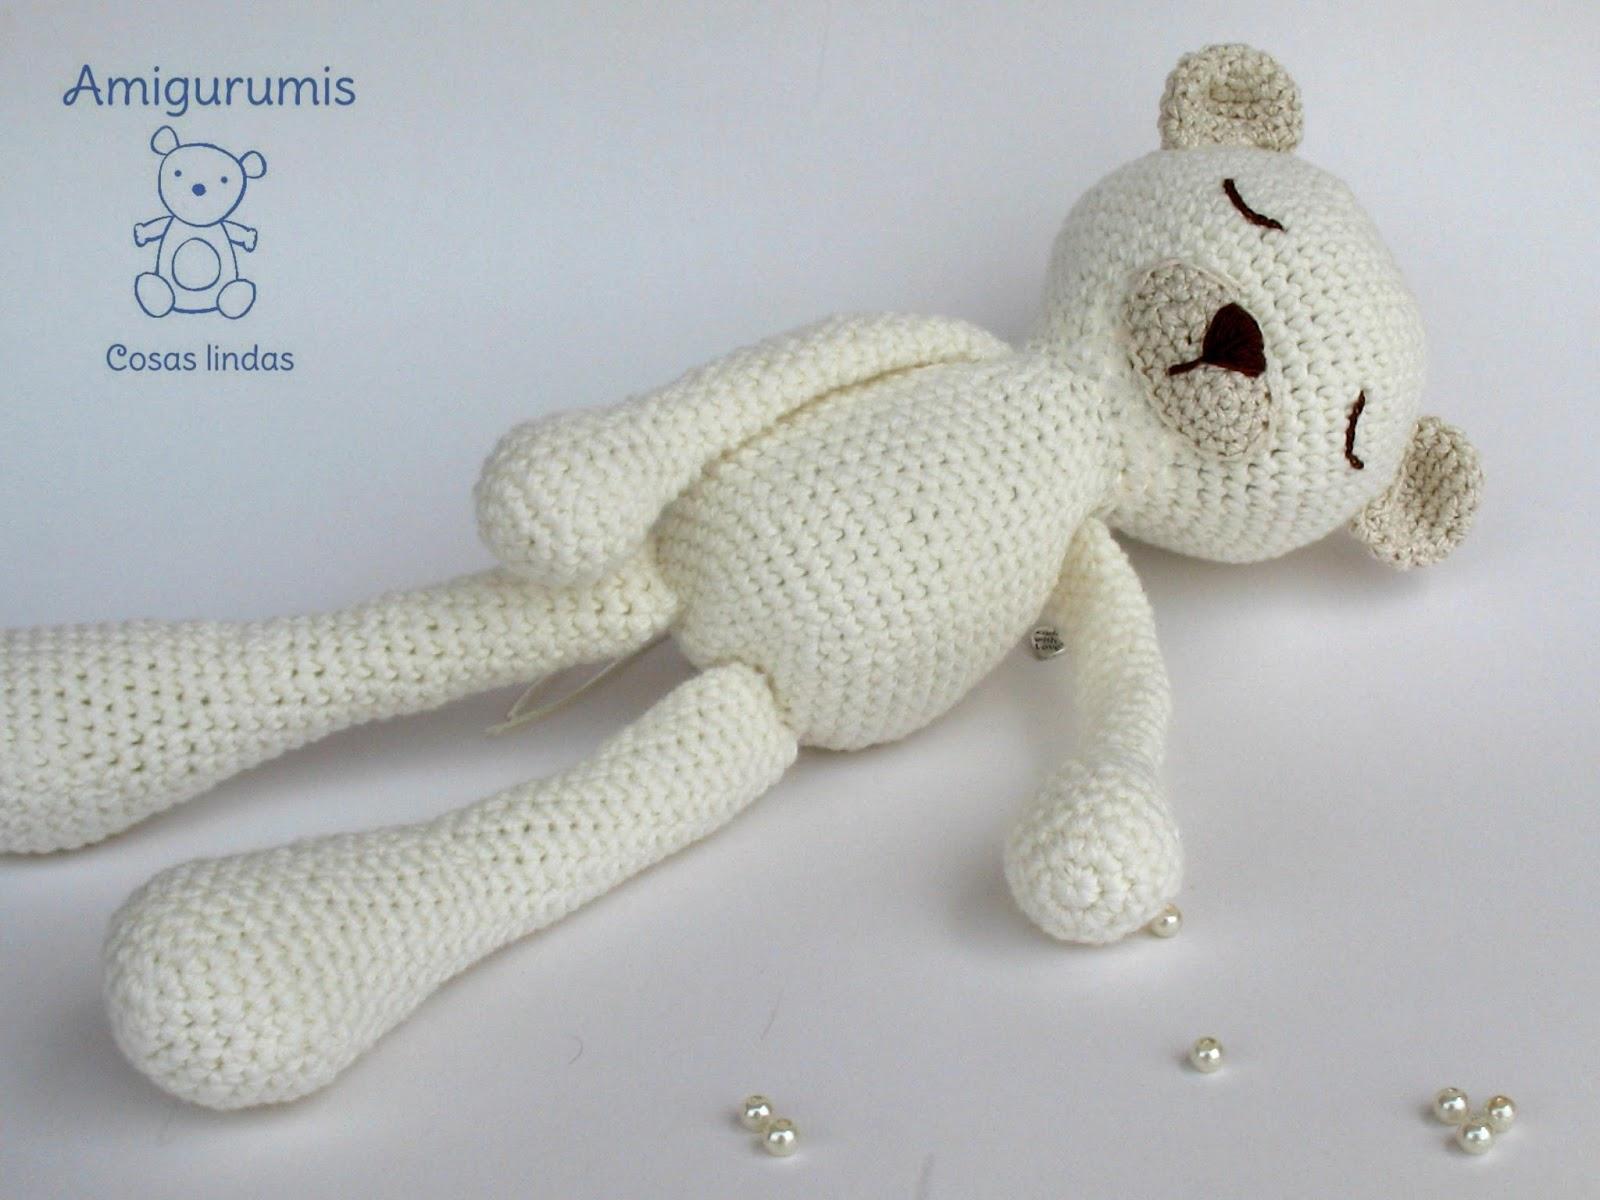 Amigurumis Para Bebes : Amigurumis cosas lindas amigurumi dormilón